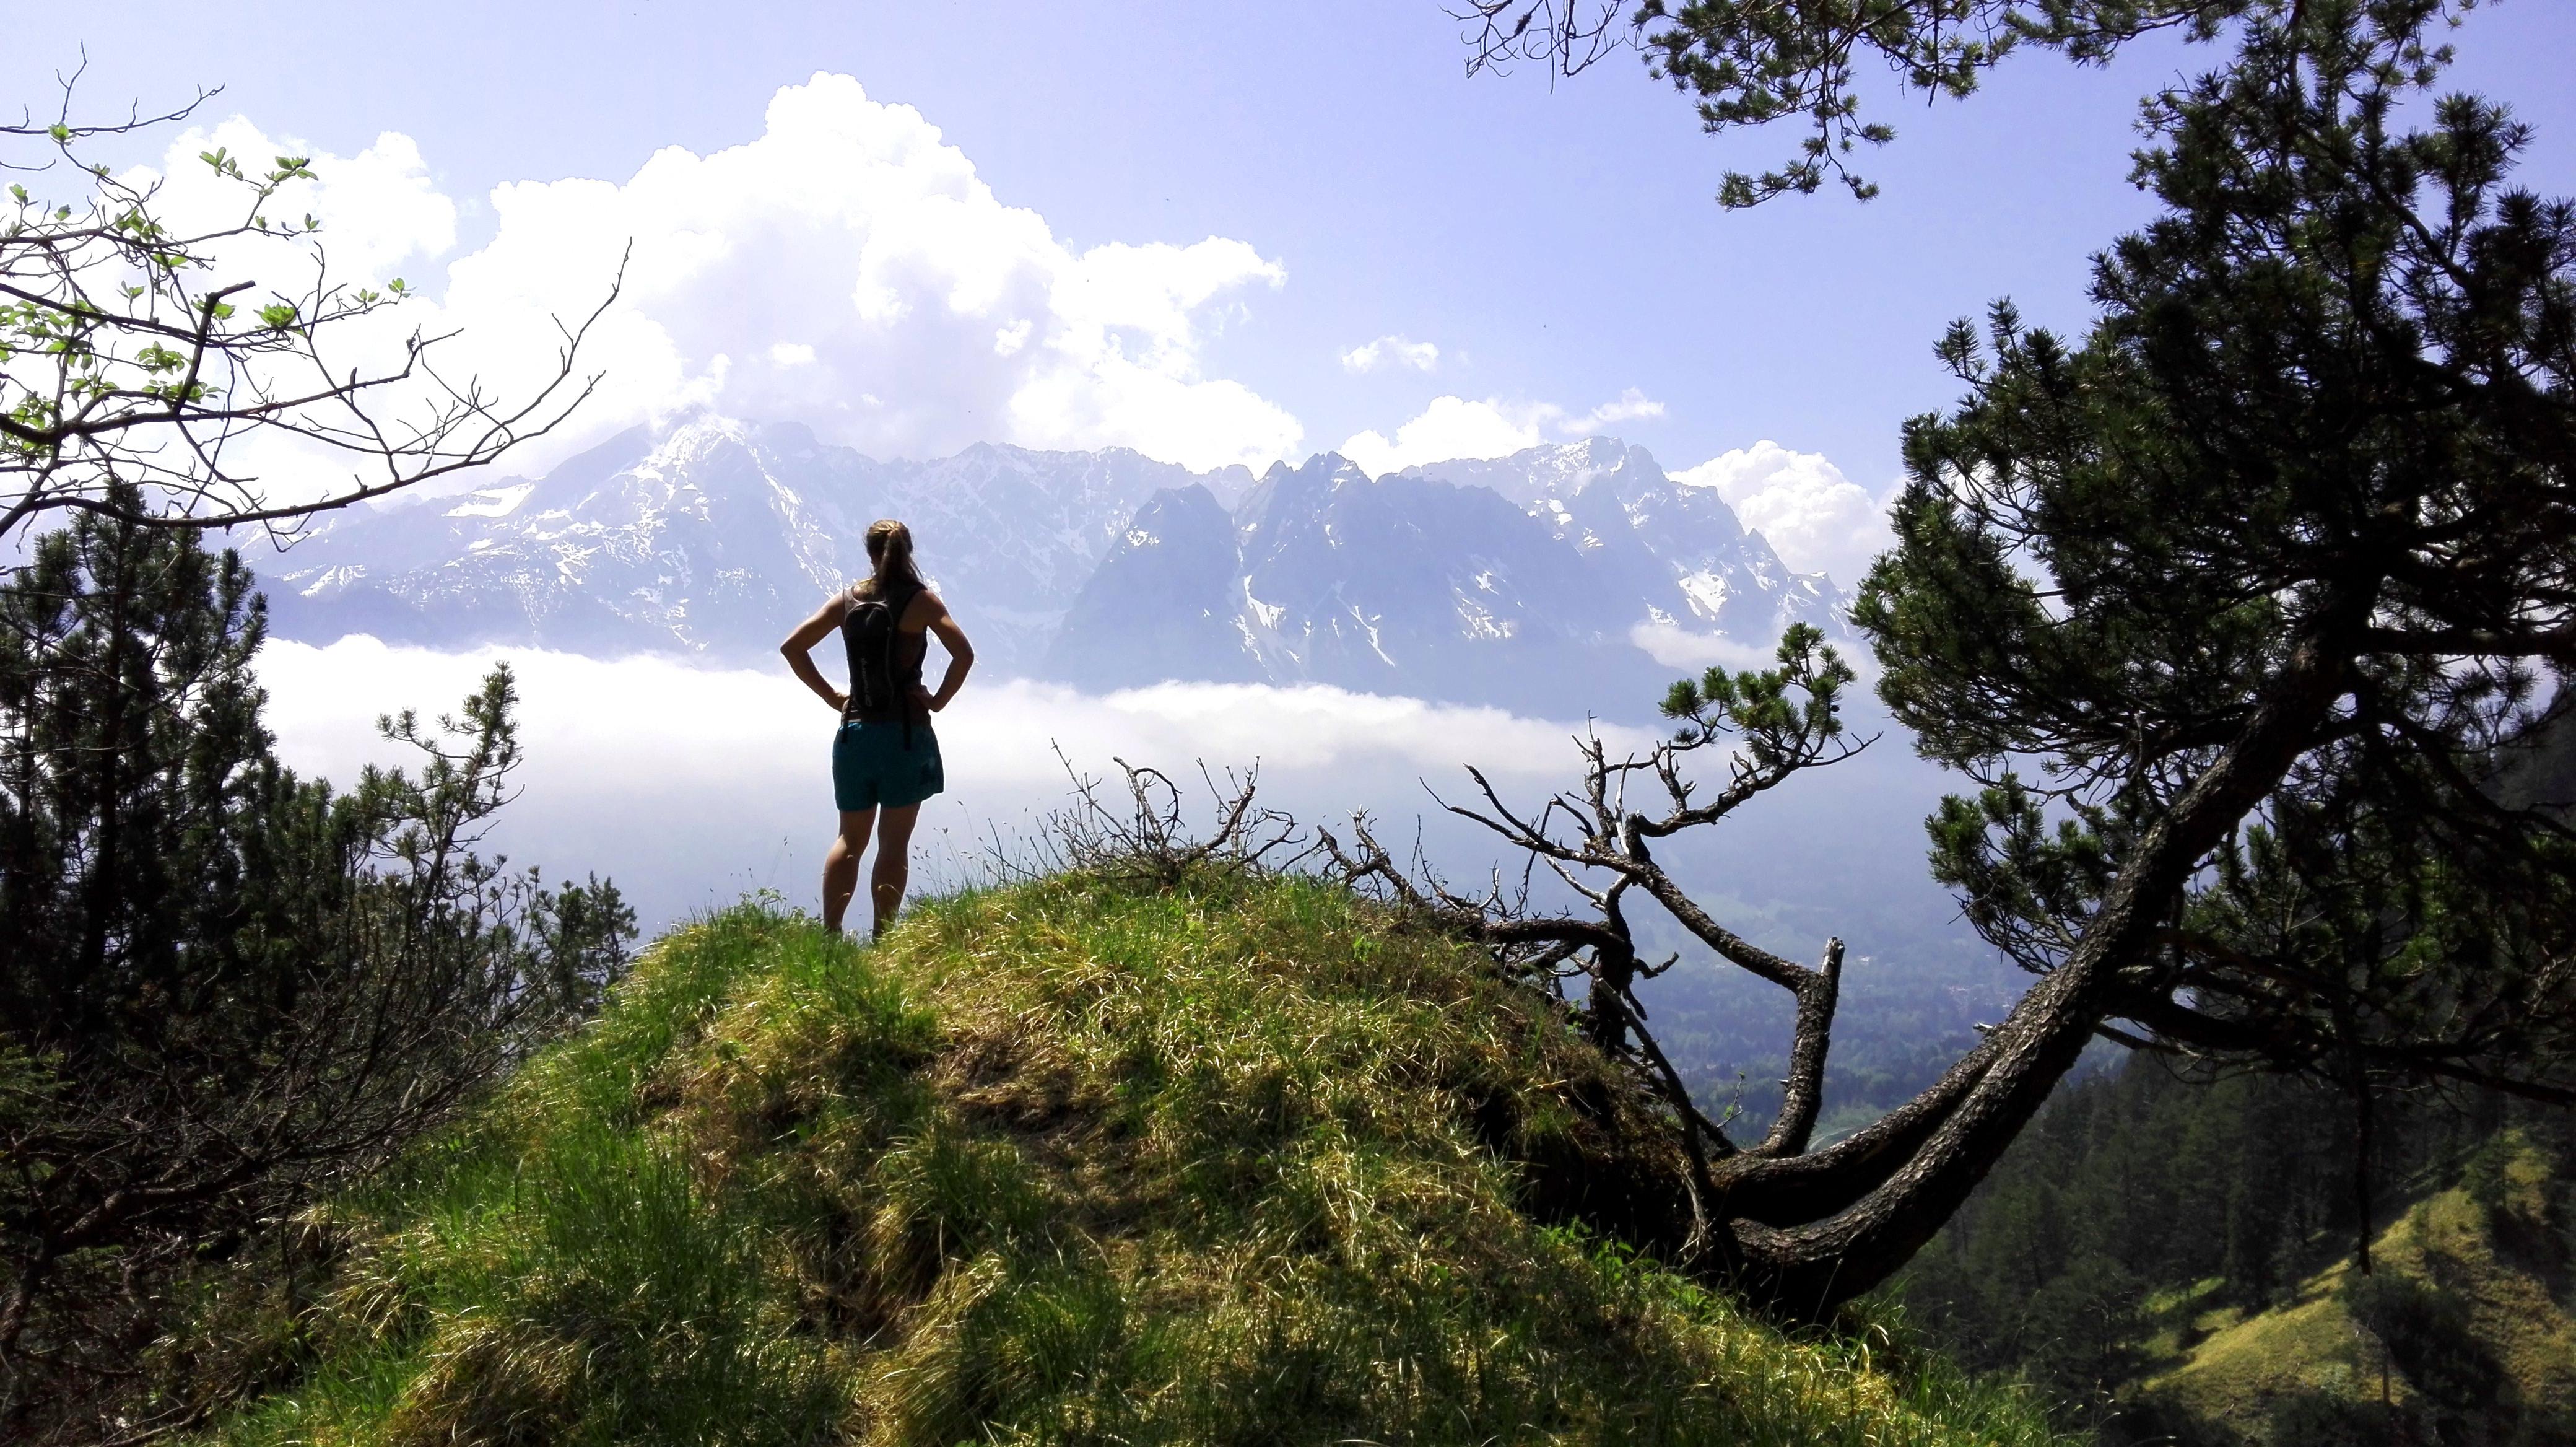 Bergwanderung auf die Kramerspitze